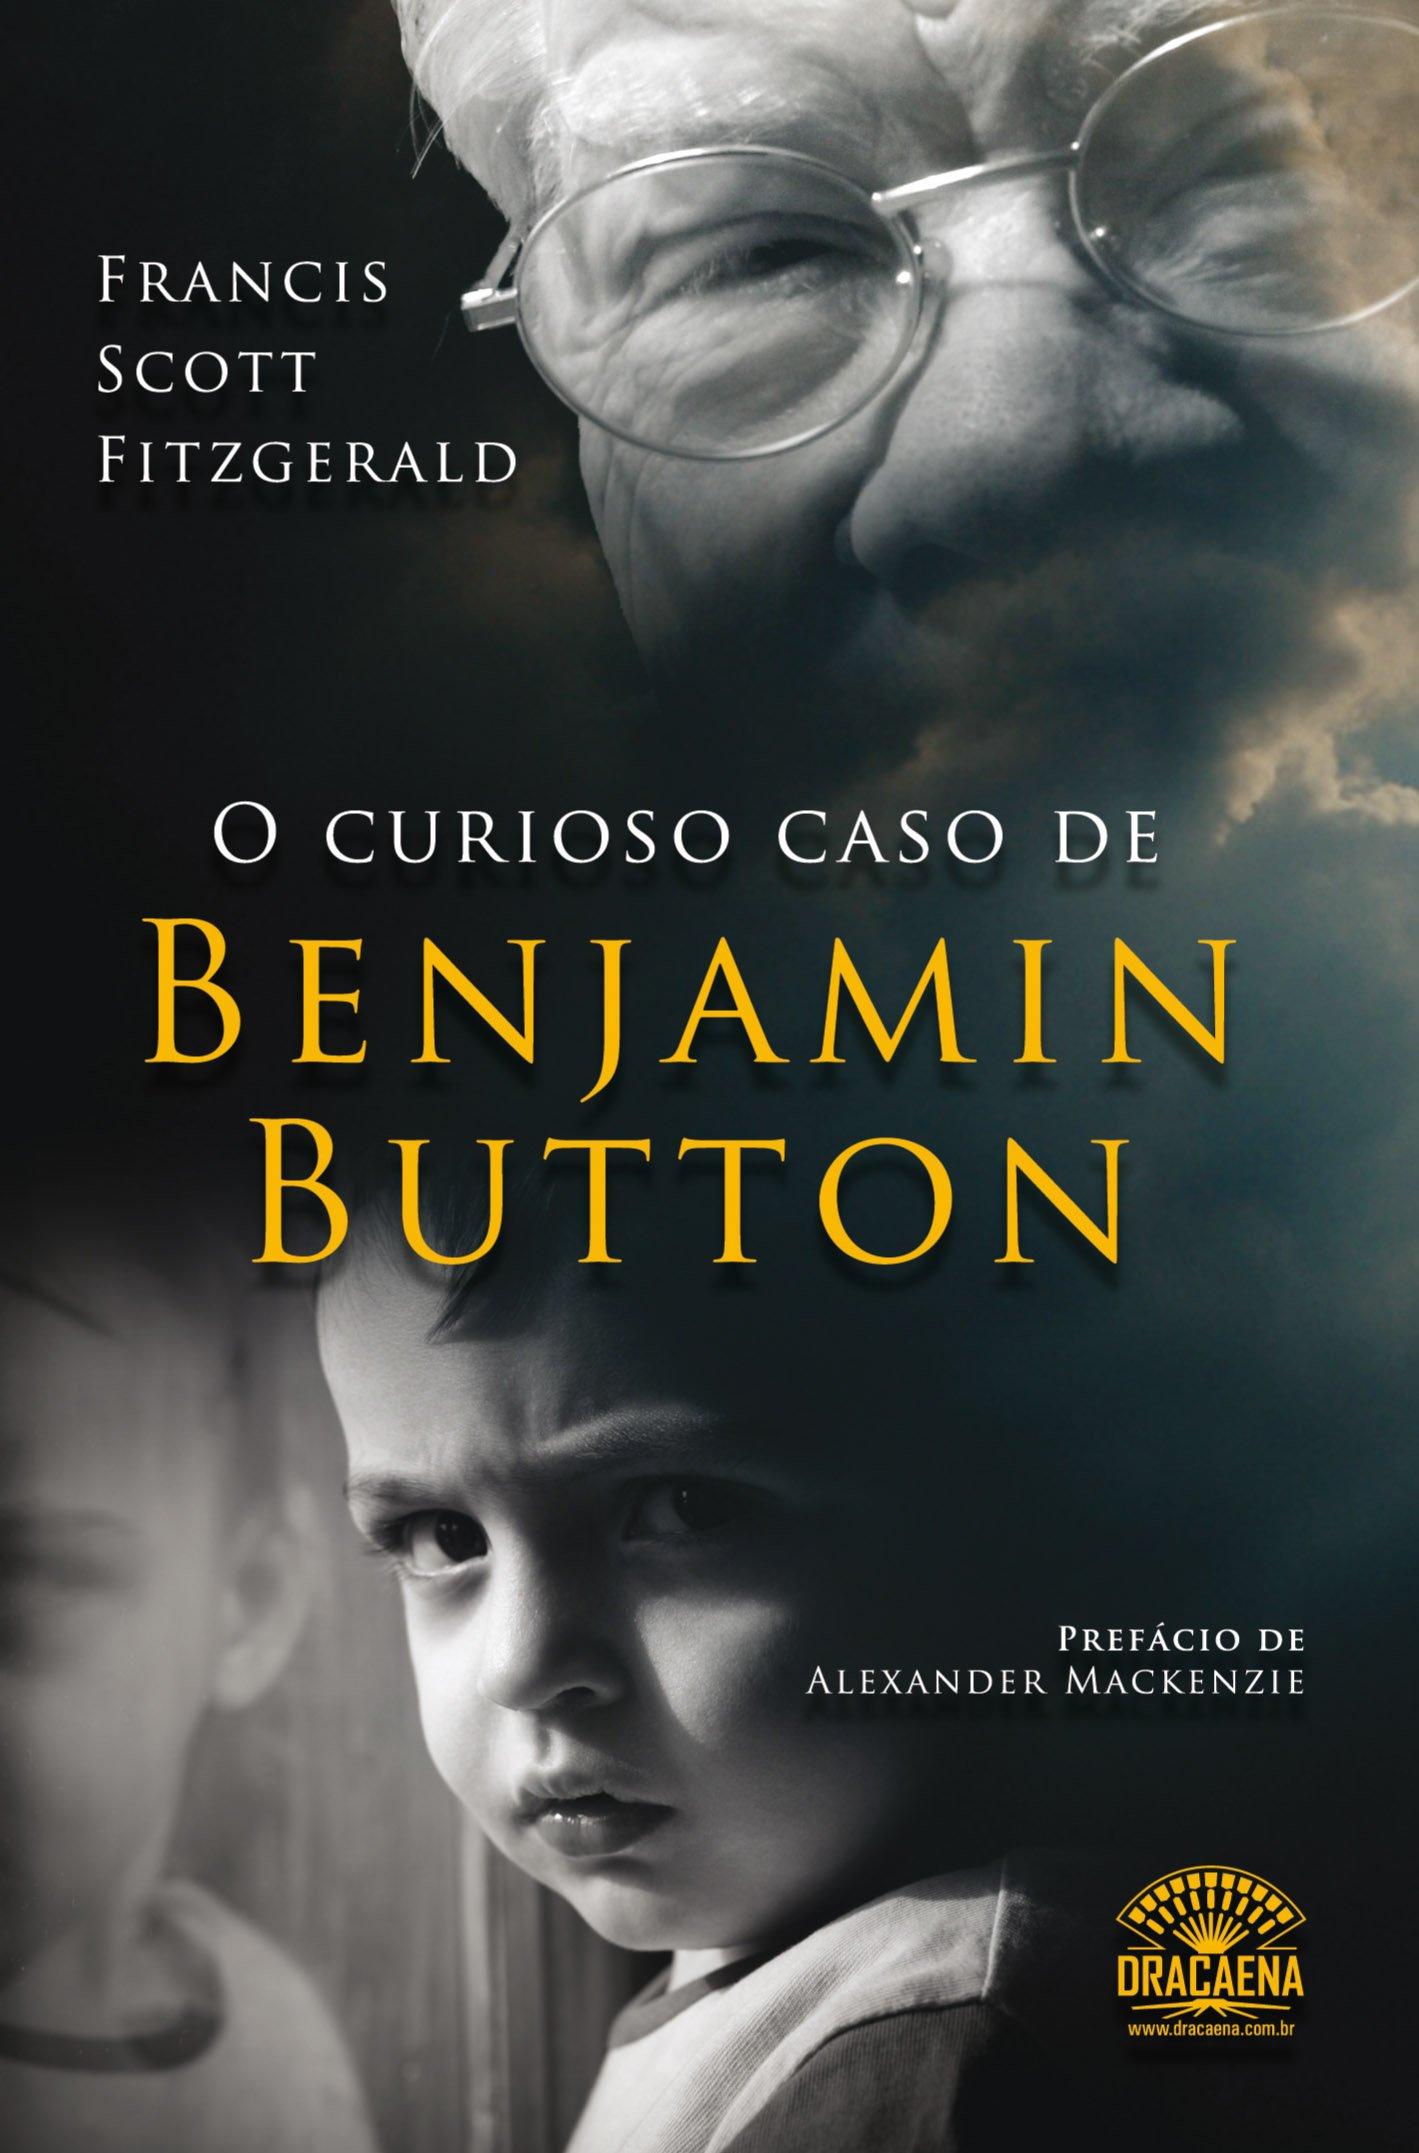 BUTTON CURIOSO RMVB BENJAMIN O DE CASO BAIXAR